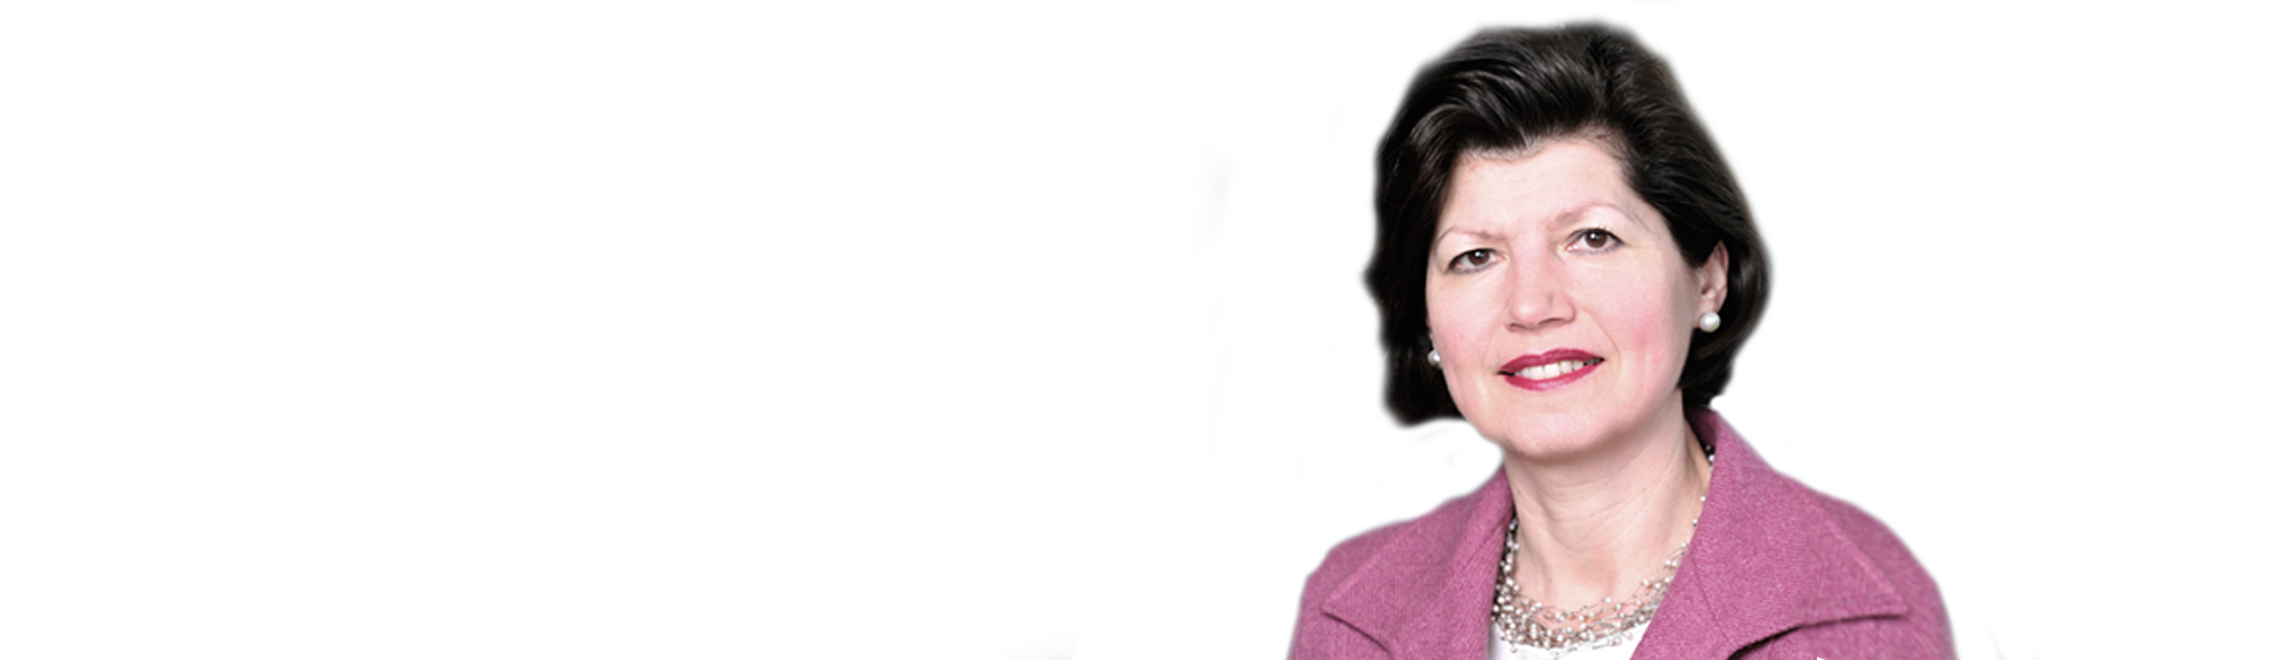 Ursula Frohner